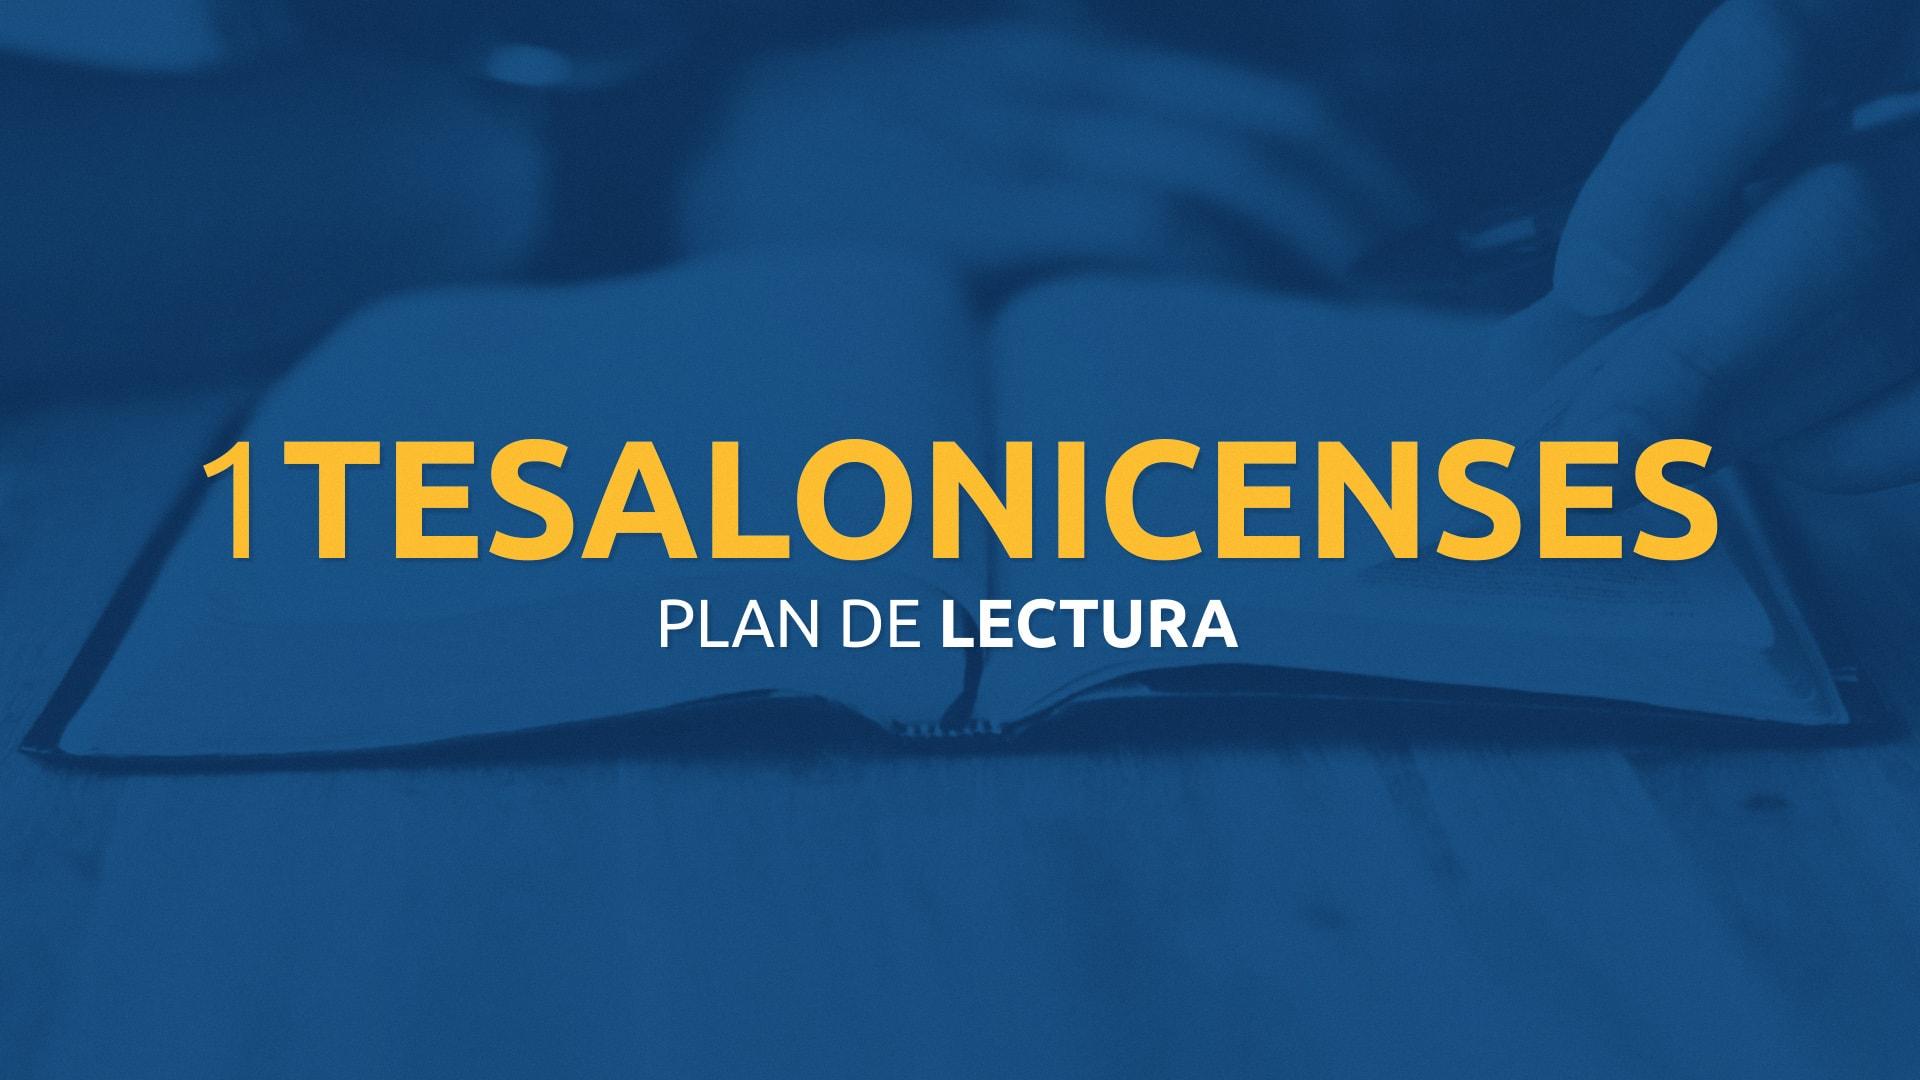 1 Tesalonicenses